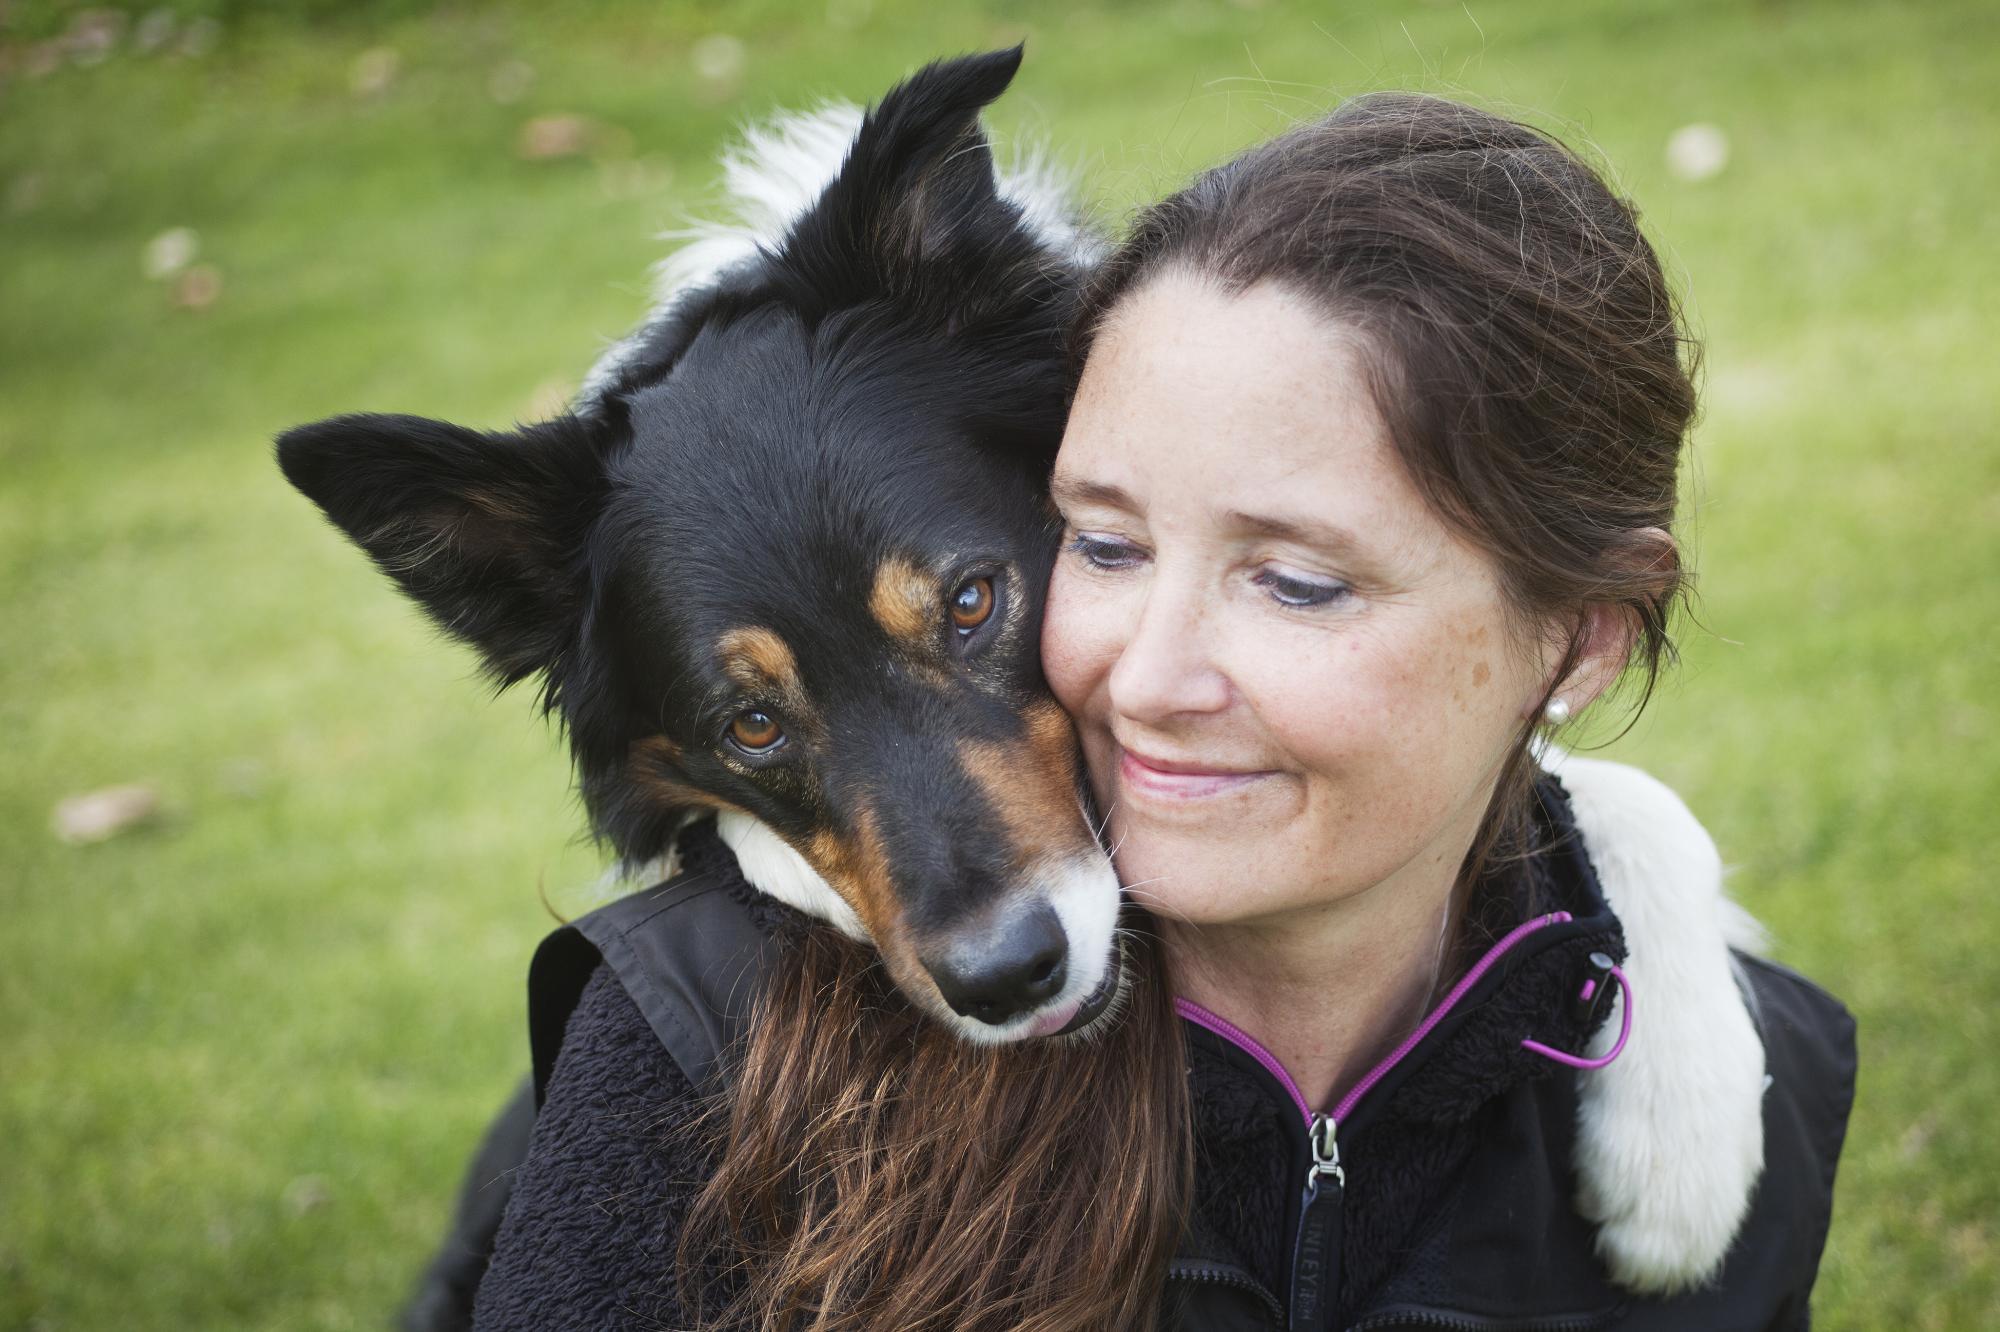 Tidningen Hundetablissemanget har tidigareskrivit om Freestylesporteni andra artiklar. Lizette Olausson, som även hon tävlar på högsta nivå, tipsar Hundetablissemangets läsare i en artikel och podd-radio. Ta del av hennes tips genom att klicka på bilden.